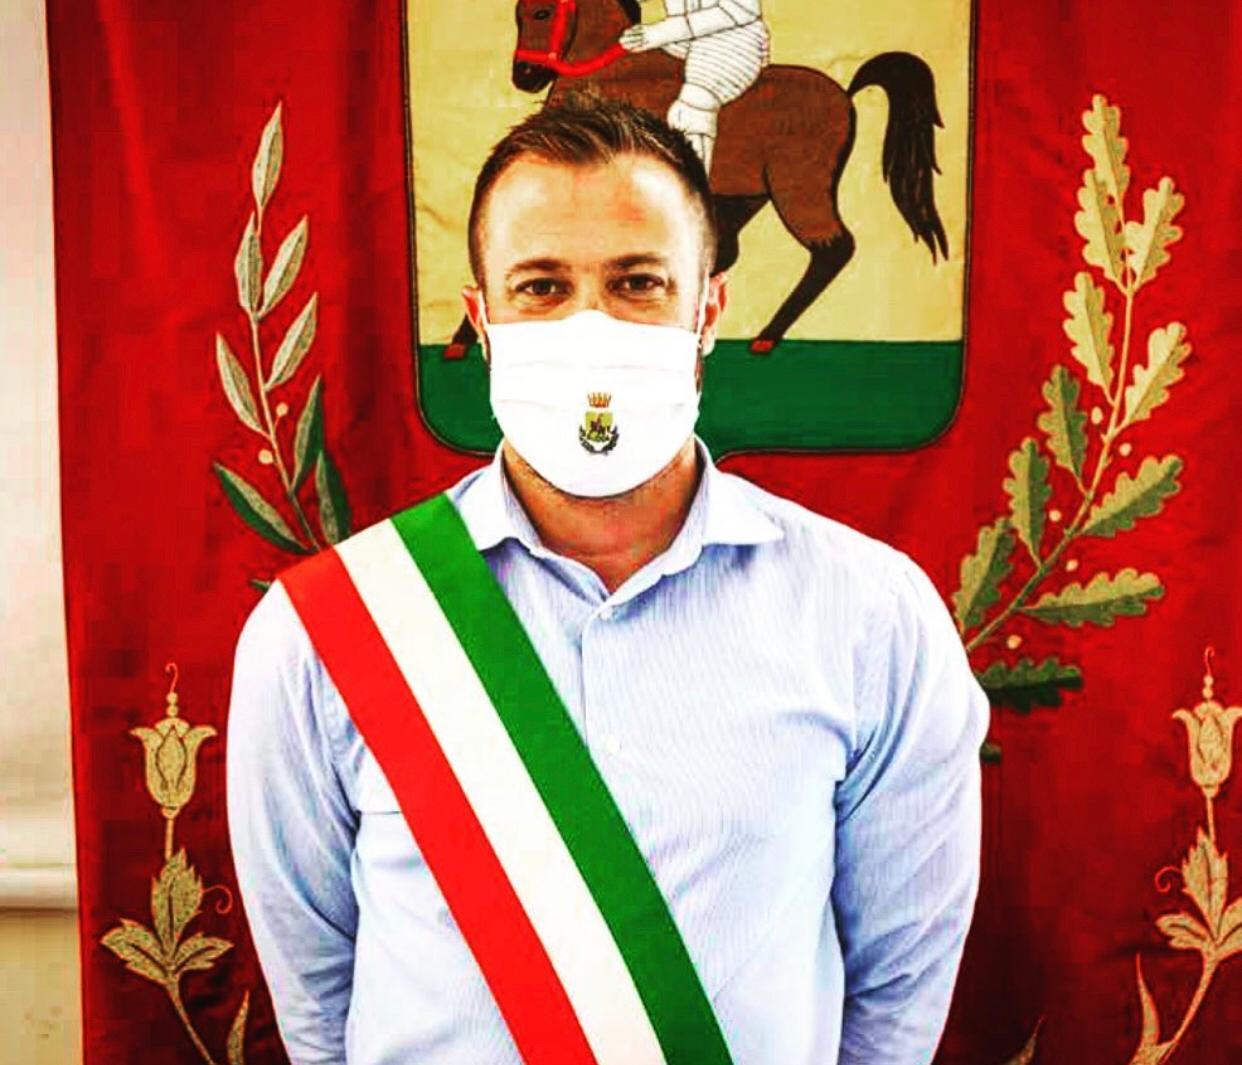 Giulianova, il sindaco chiede sinergia per i problemi legati al Covid